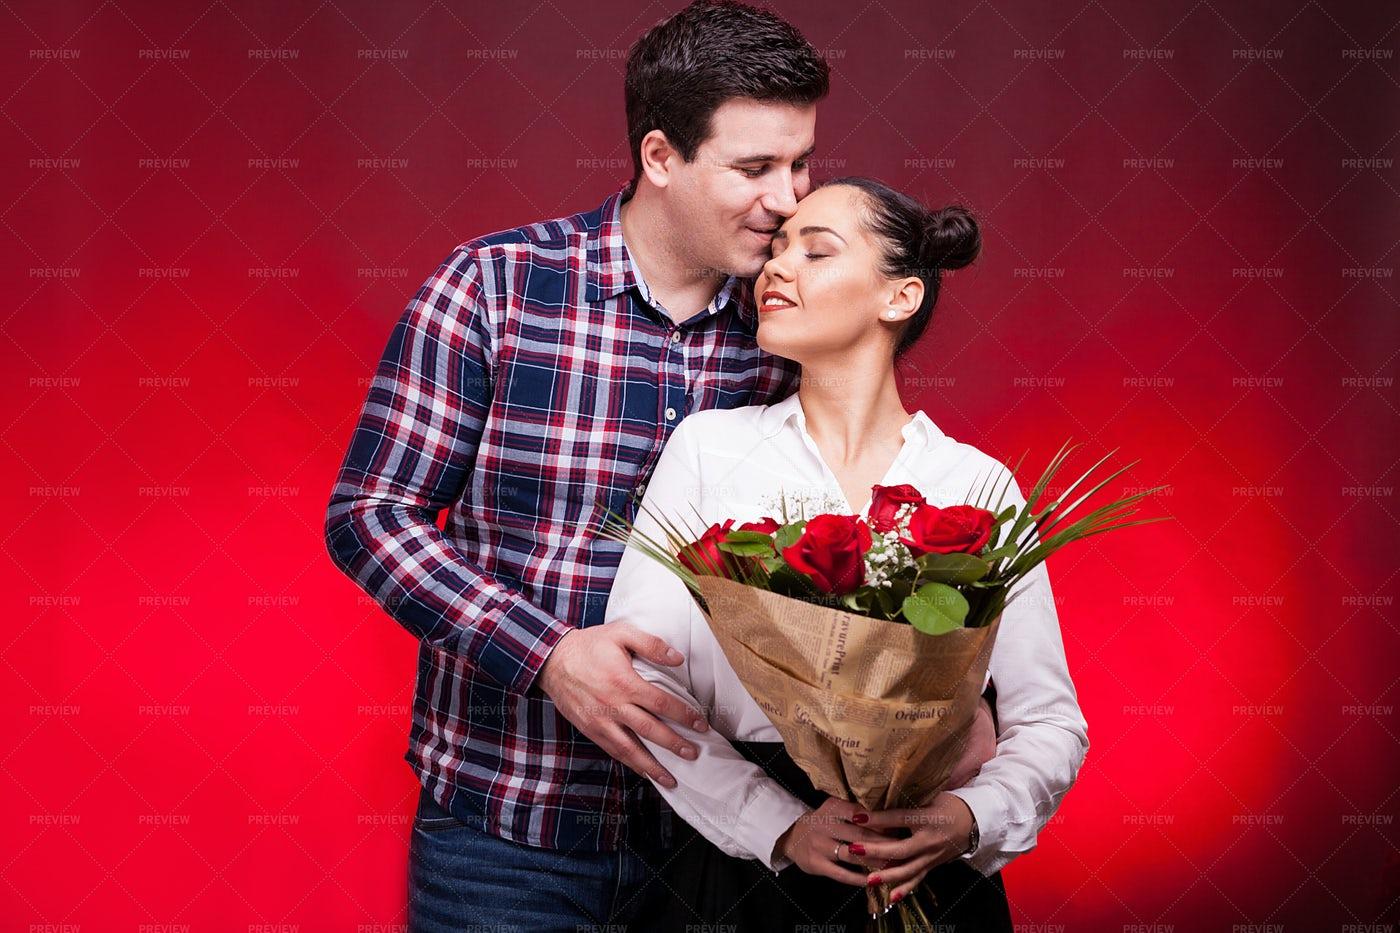 Man Embracing Woman With Roses: Stock Photos